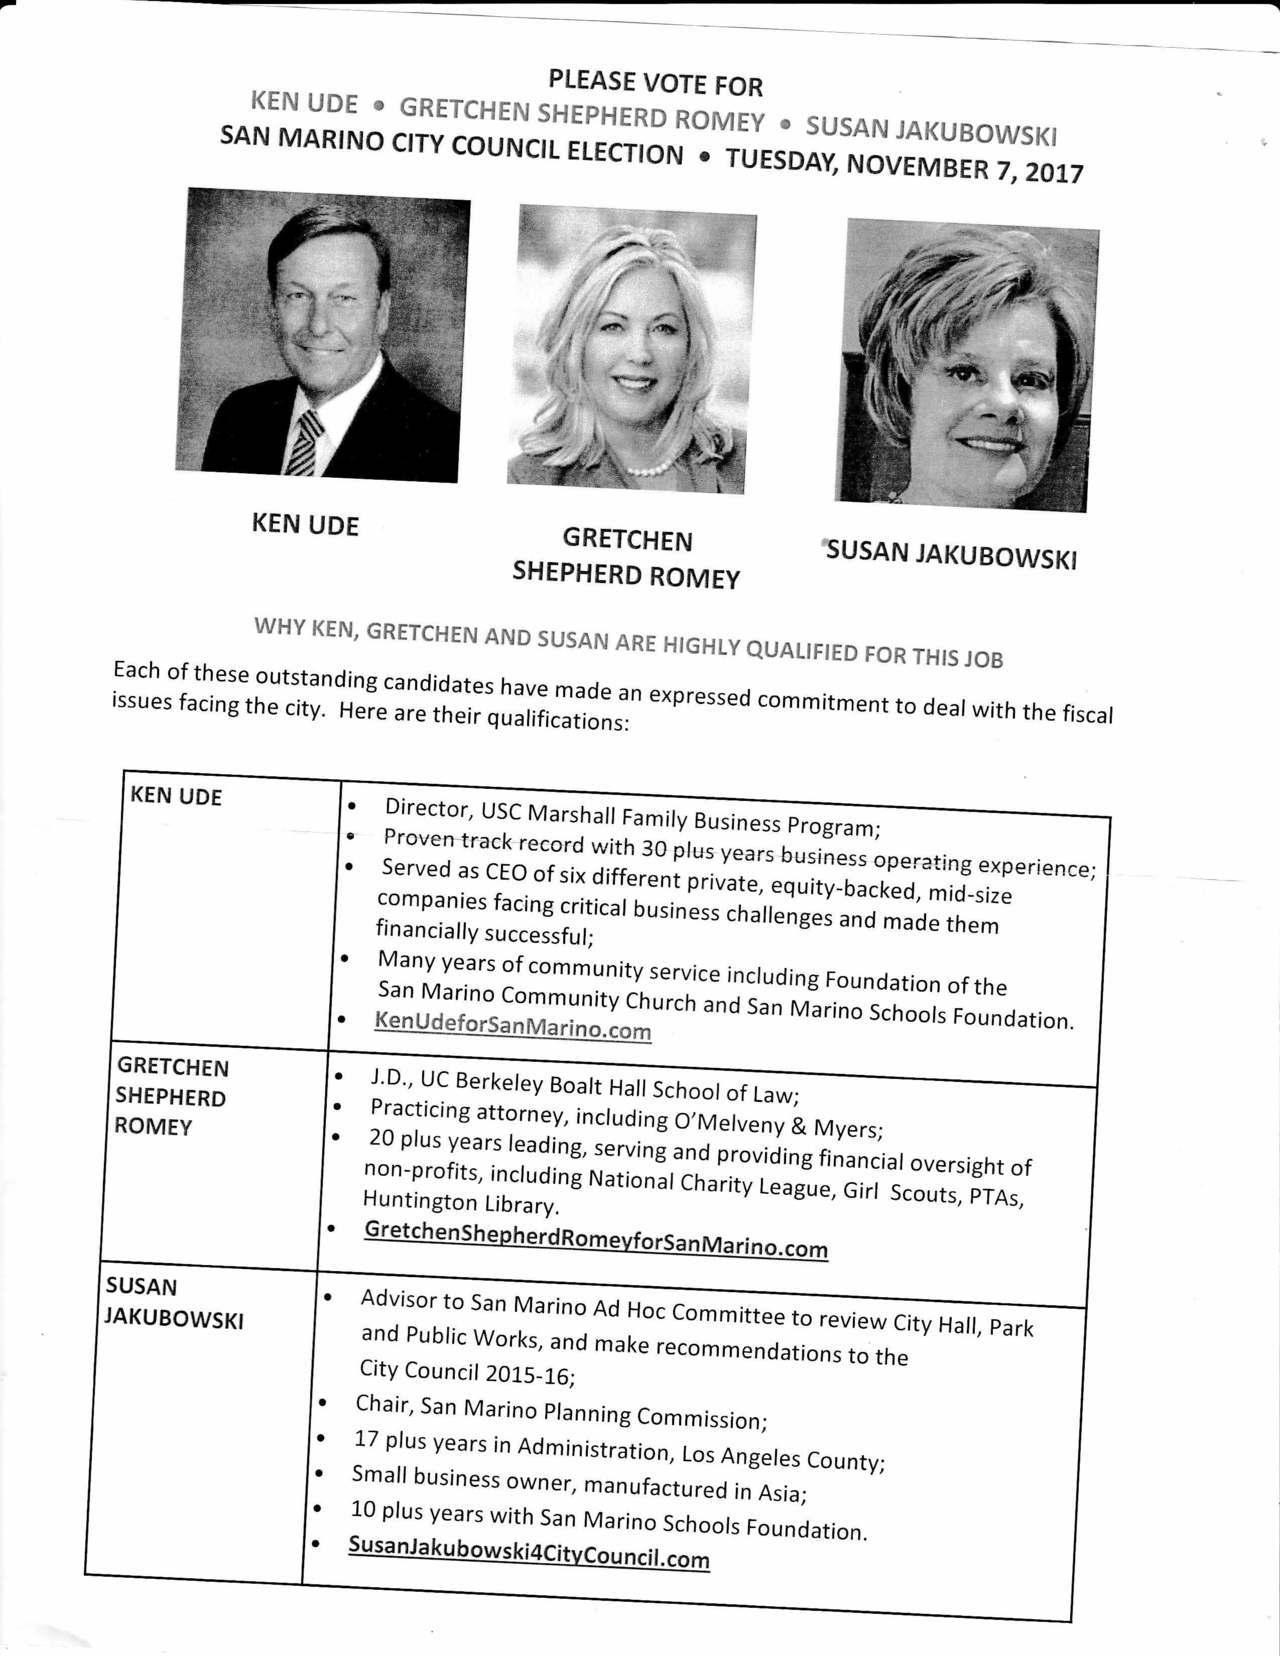 印有三位白人候選人的傳單。記者李雪/攝影